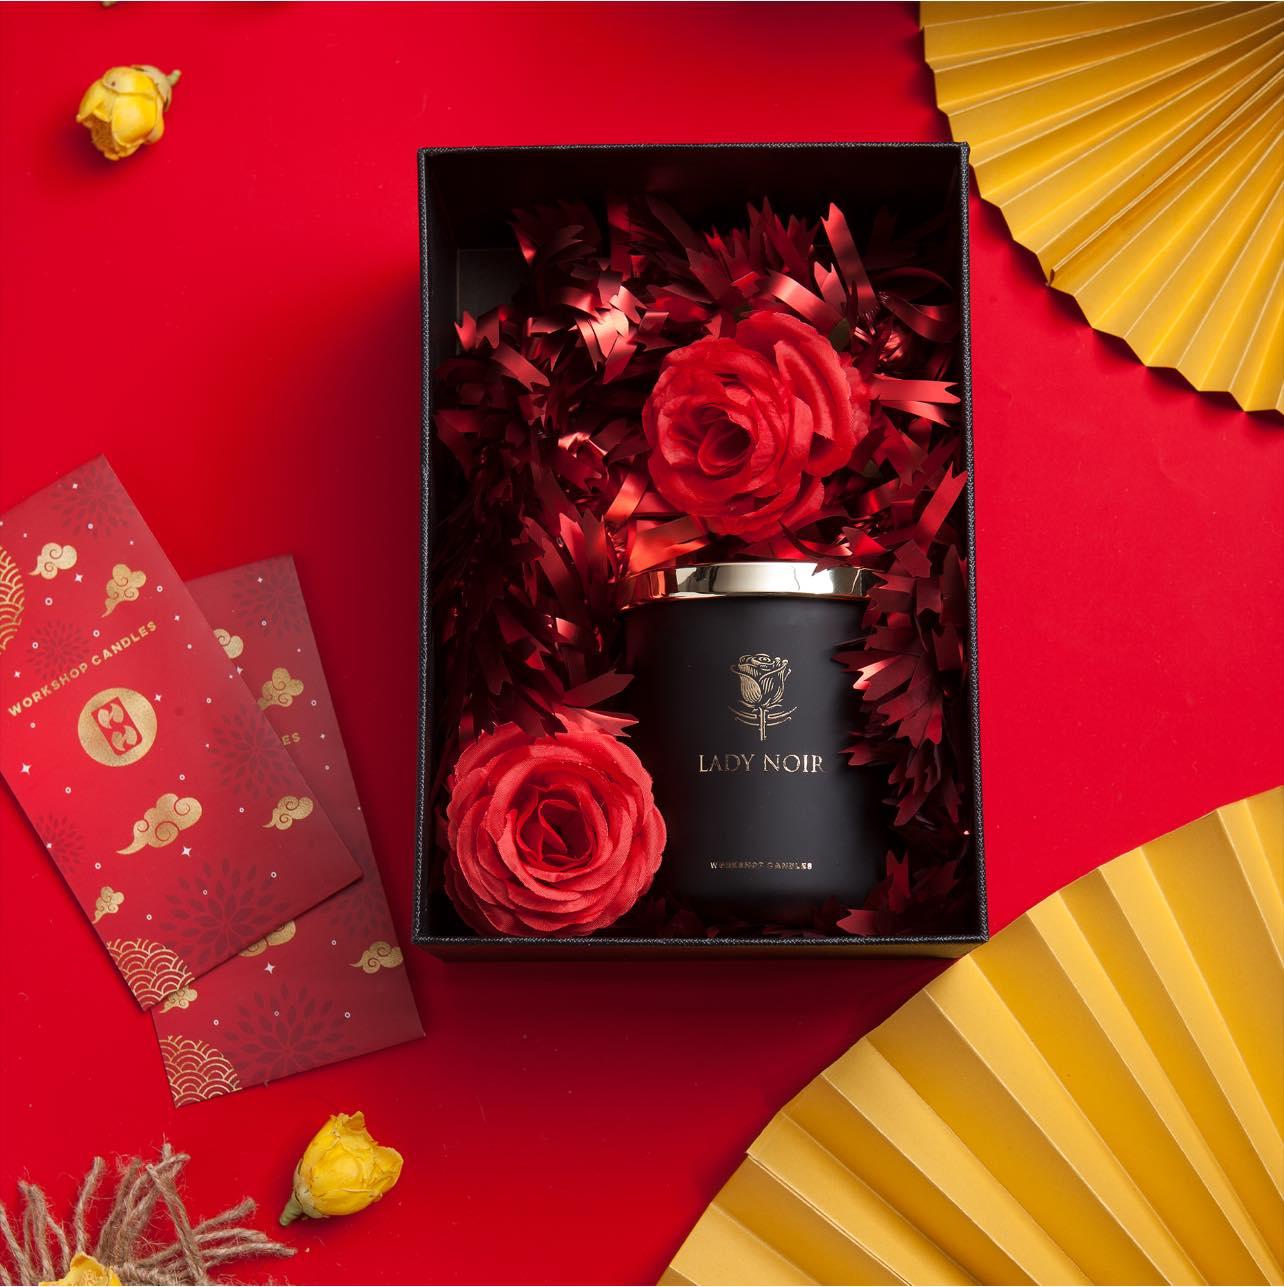 Mua nến thơm tặng nàng dịp Valentine đi các anh ơi: Vừa xịn vừa được khen tinh tế, có gu - Ảnh 1.